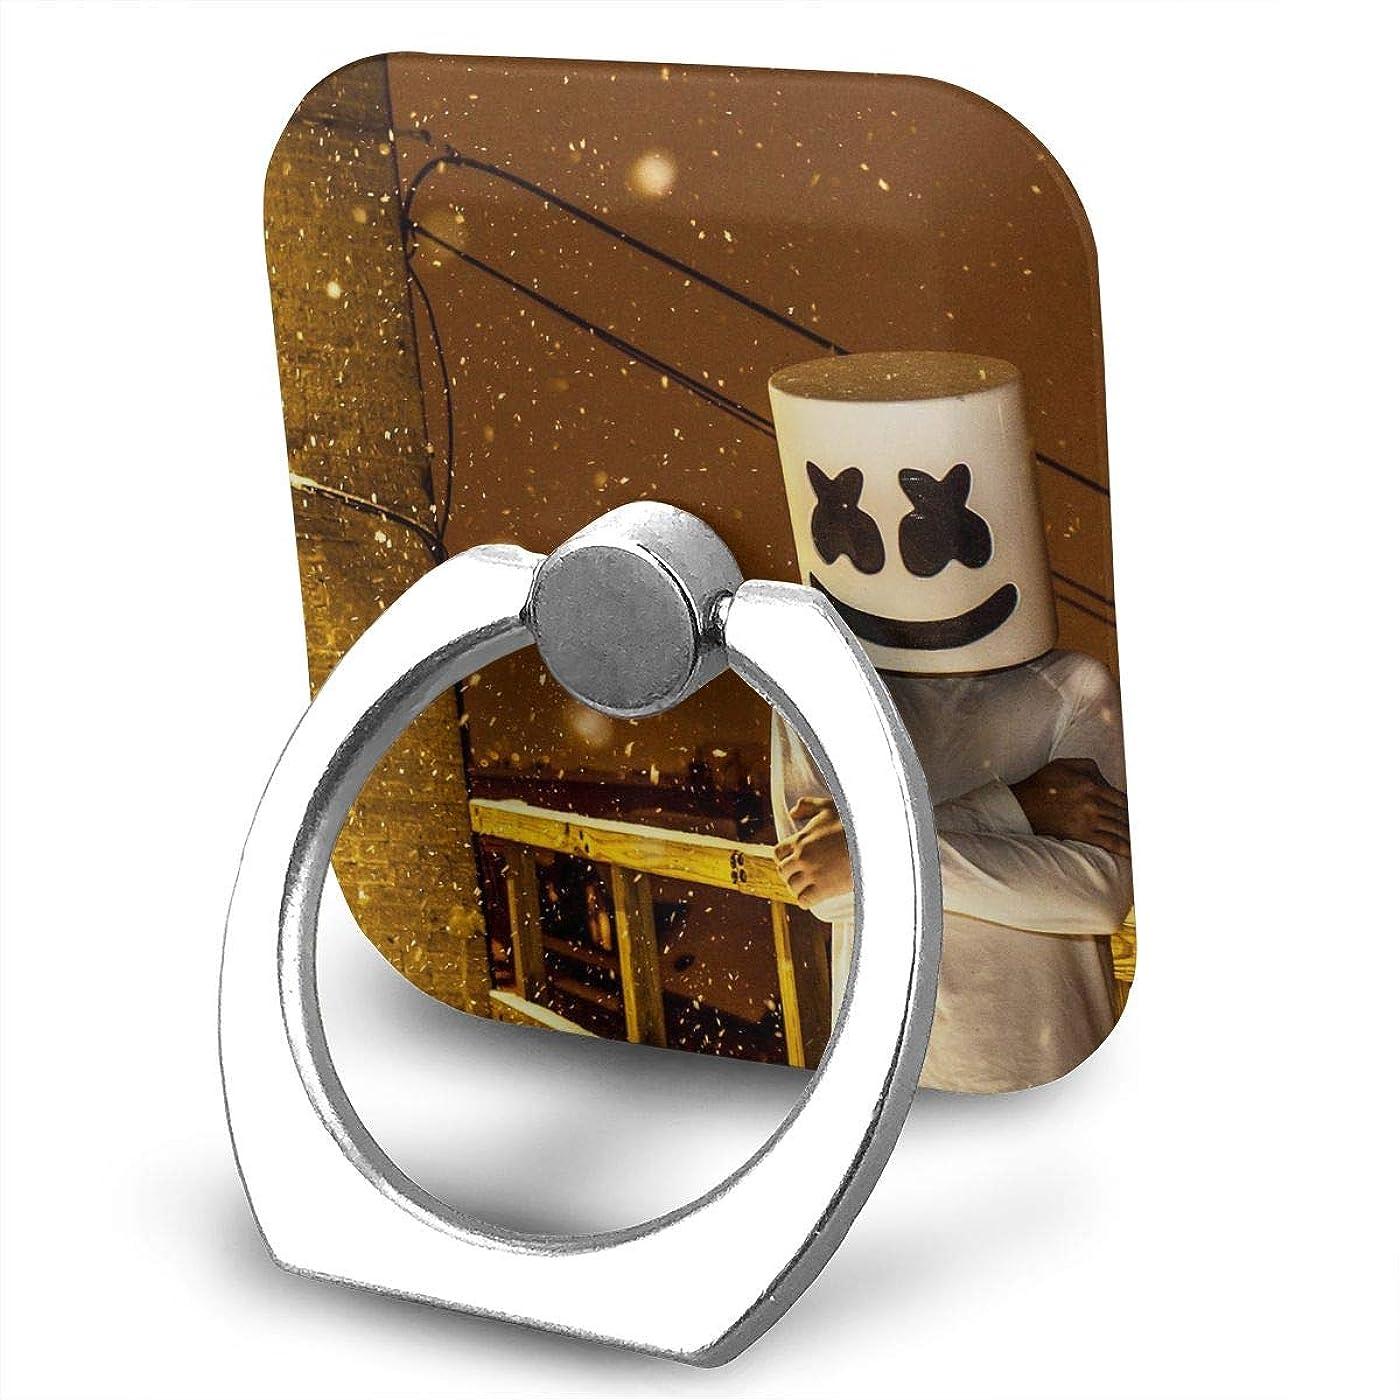 銅リフレッシュ展示会Greatayifong マシュメロ Marshmello バンカーリング スマホ リング おしゃれ ホールドリング 薄型 スタンド機能 ホルダー 落下防止 軽い 360 回転 IPhone/Android各種他対応 (シルバー)